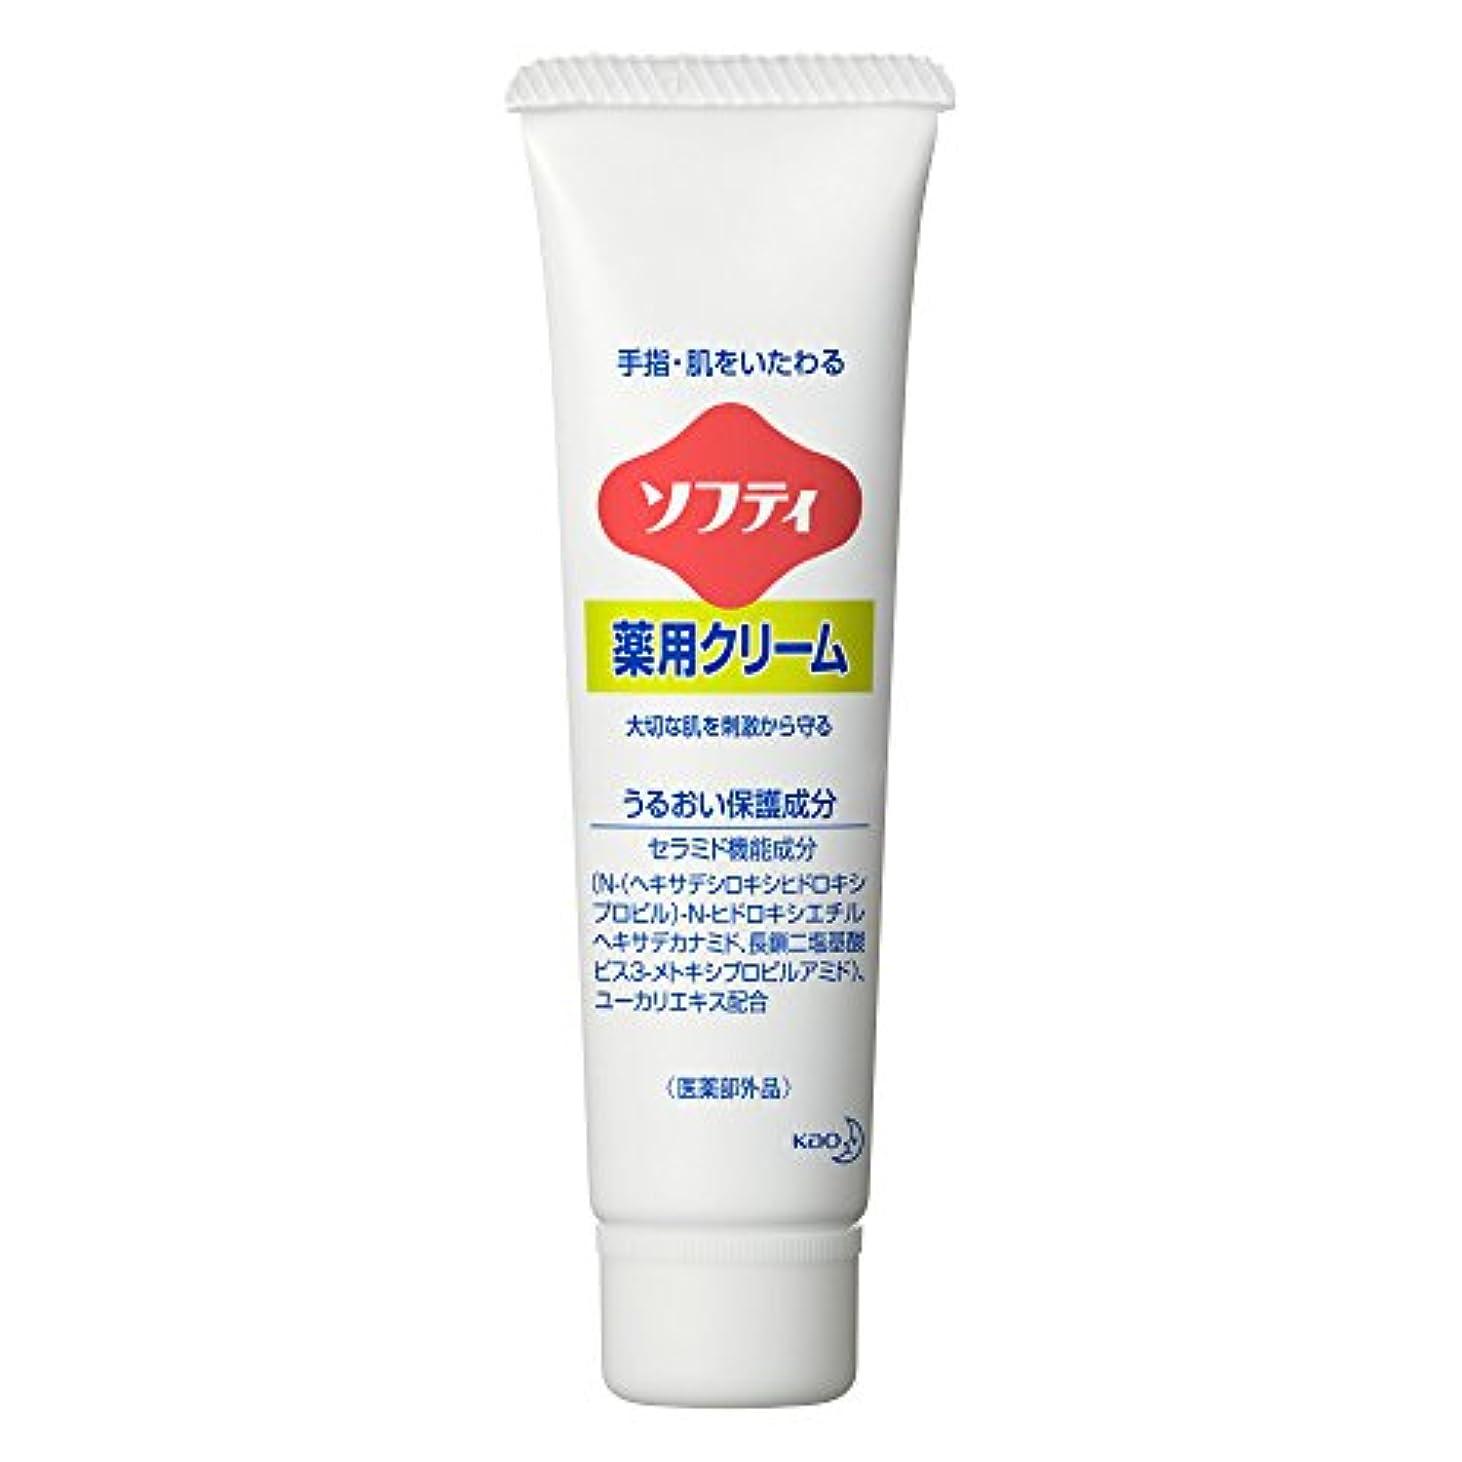 浸したホイスト訴えるソフティ 薬用クリーム 35g (花王プロフェッショナルシリーズ)